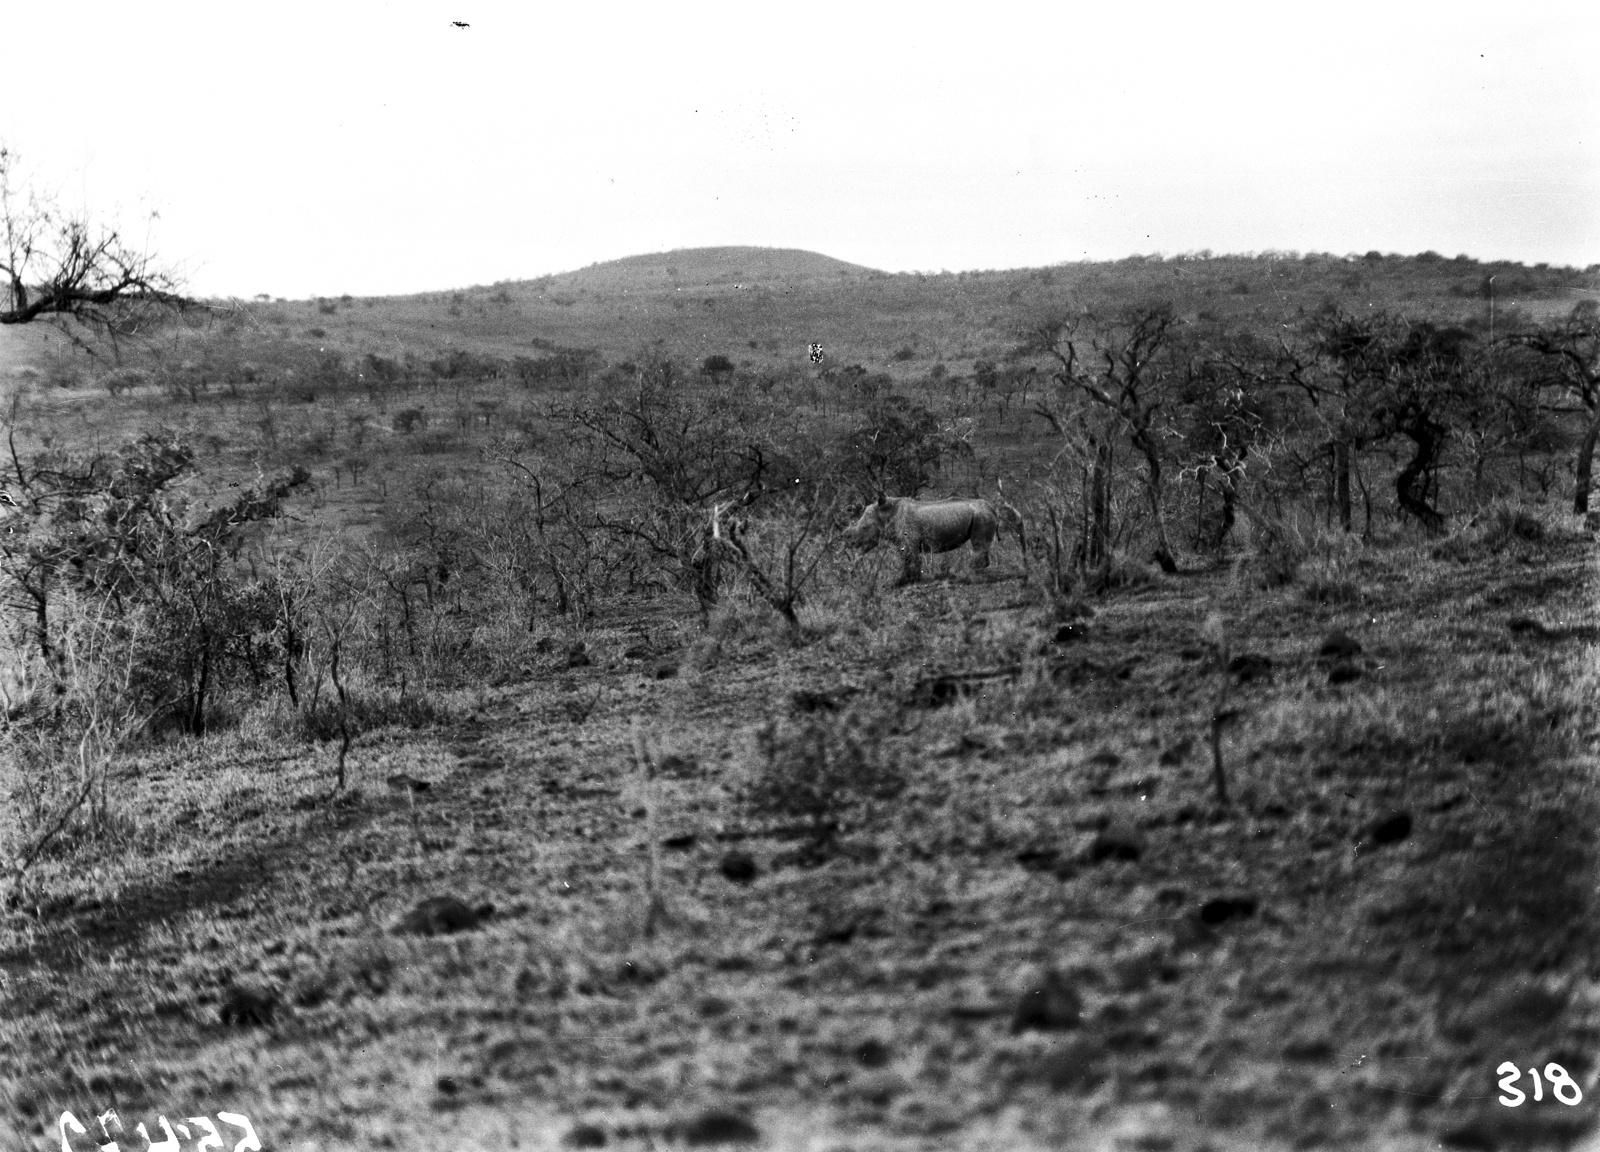 Южно-Африканский Союз. Квазулу-Наталь. Носорог в парке Умфолози